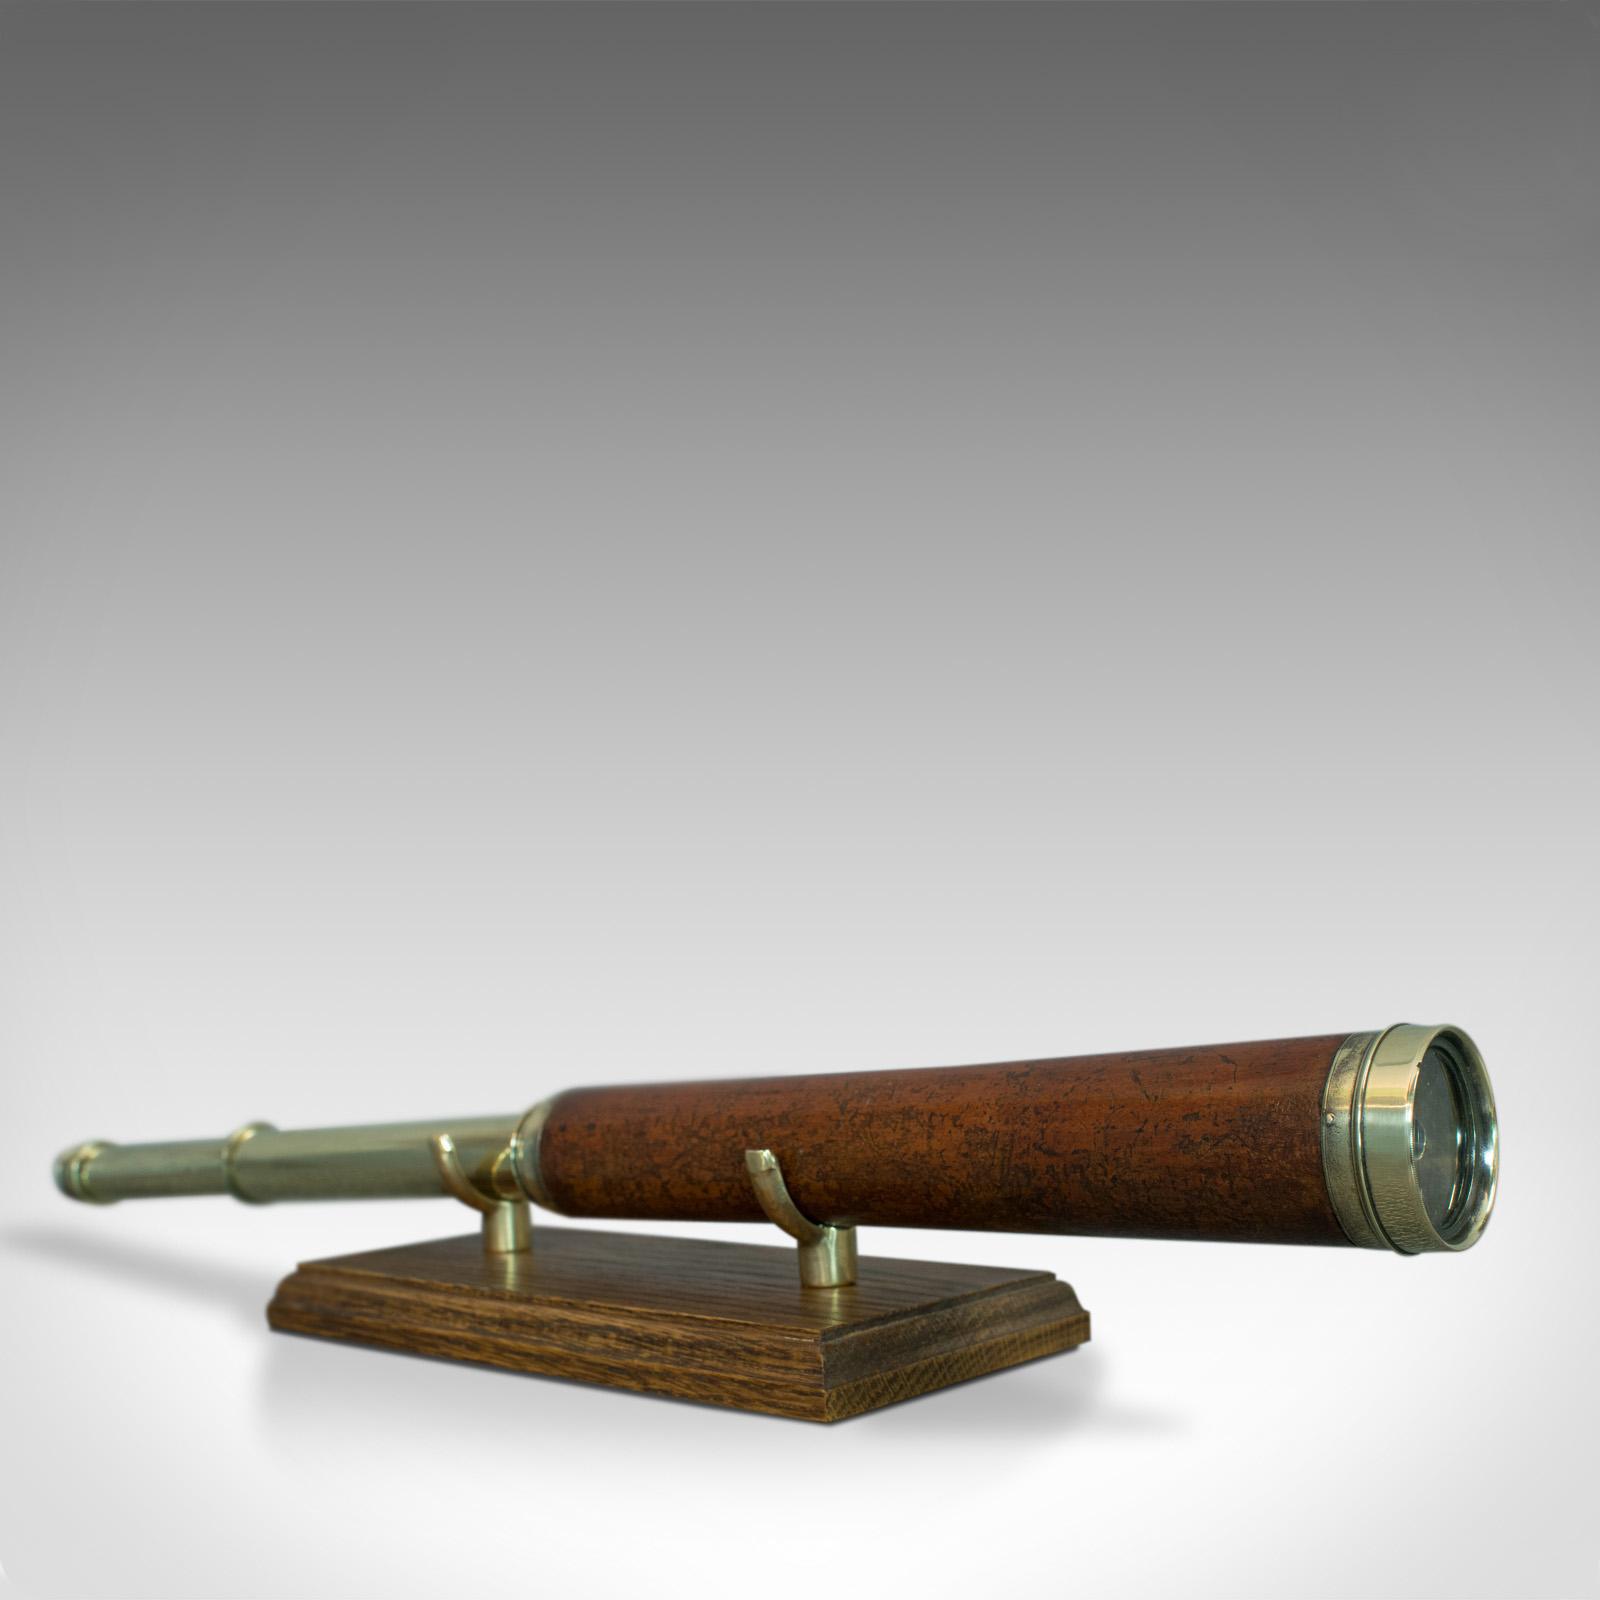 Antique, Telescope, 2 Draw, Terrestrial, Astronomical, English, Georgian, C.1760